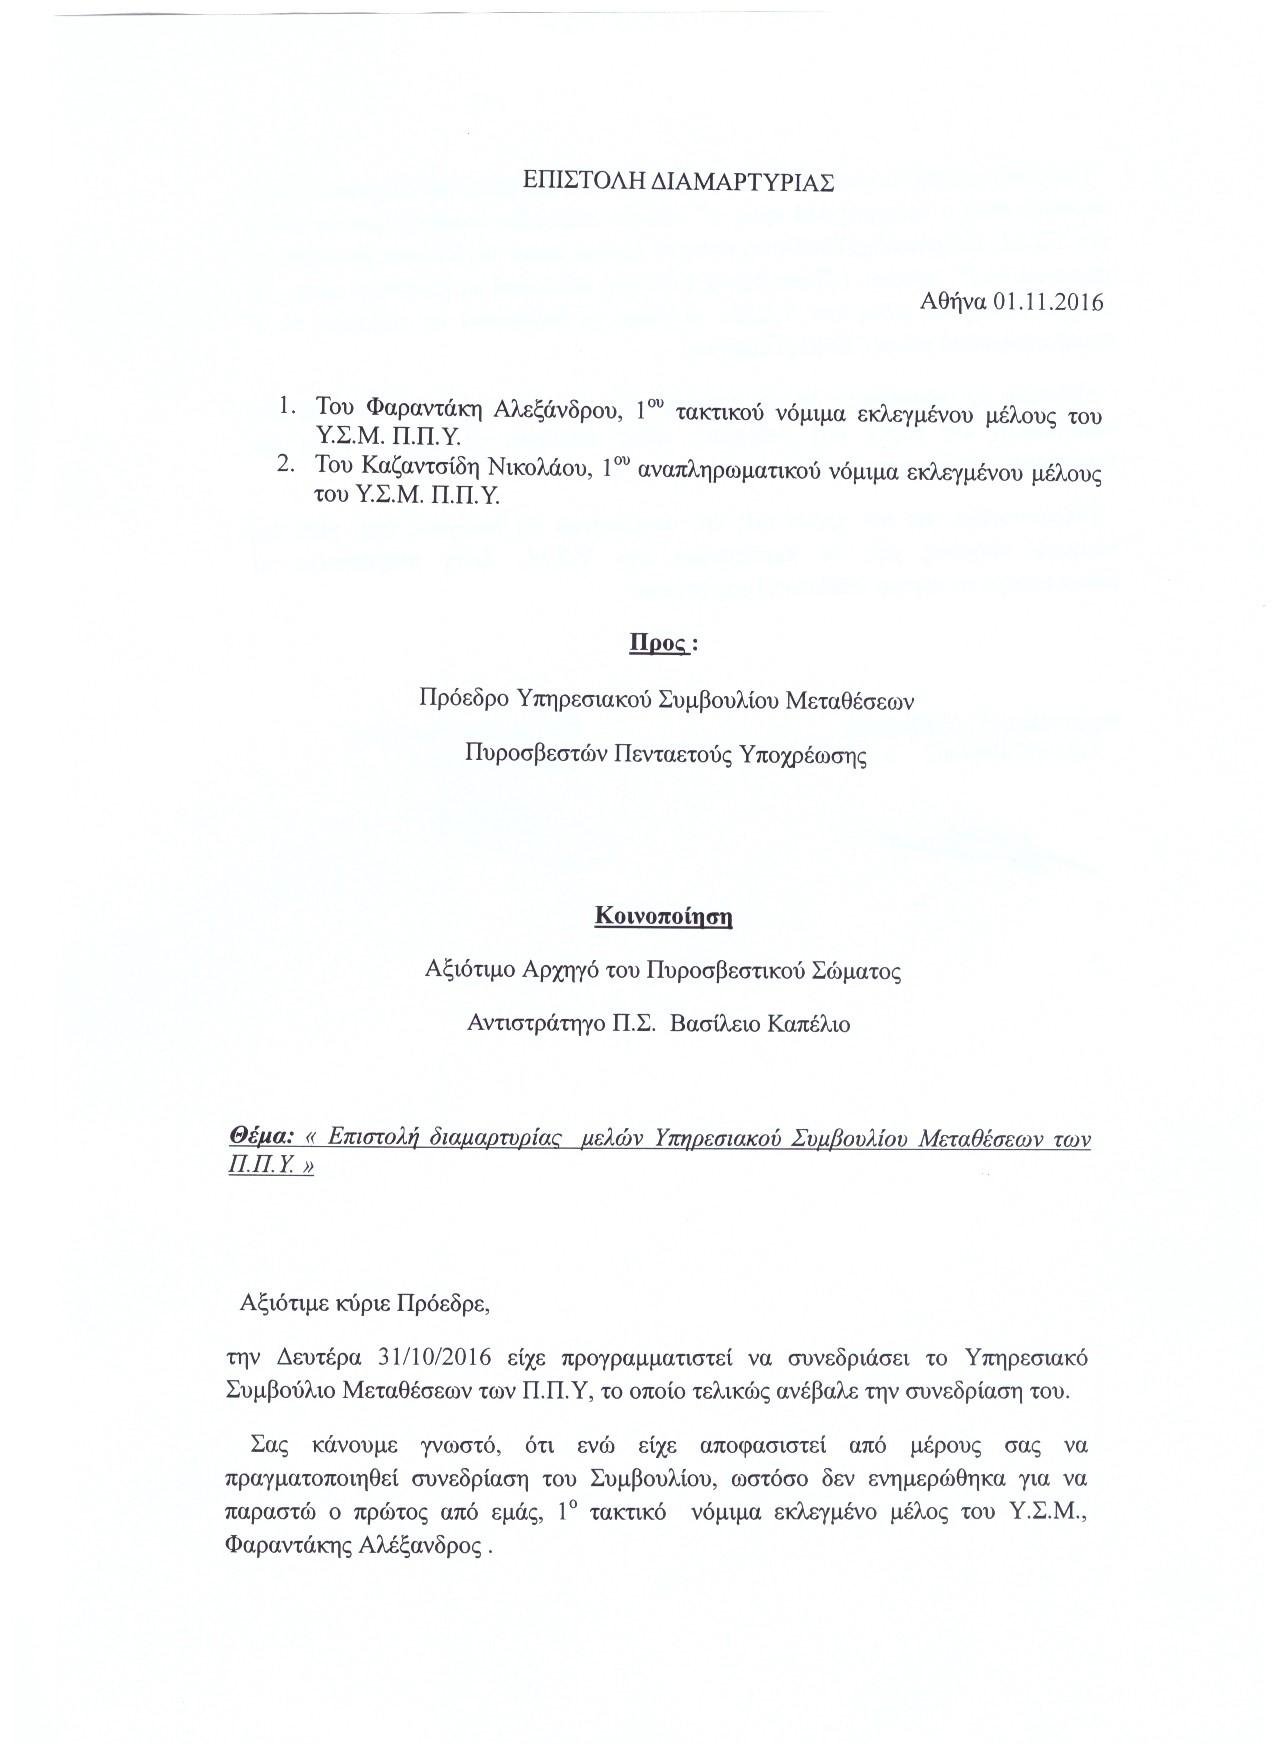 Αρ. Πρωτοκ. 1719 02.11.2016 Επιστολή Διαμαρτυρίας Φαραντάκη Καζαντσίδη 1